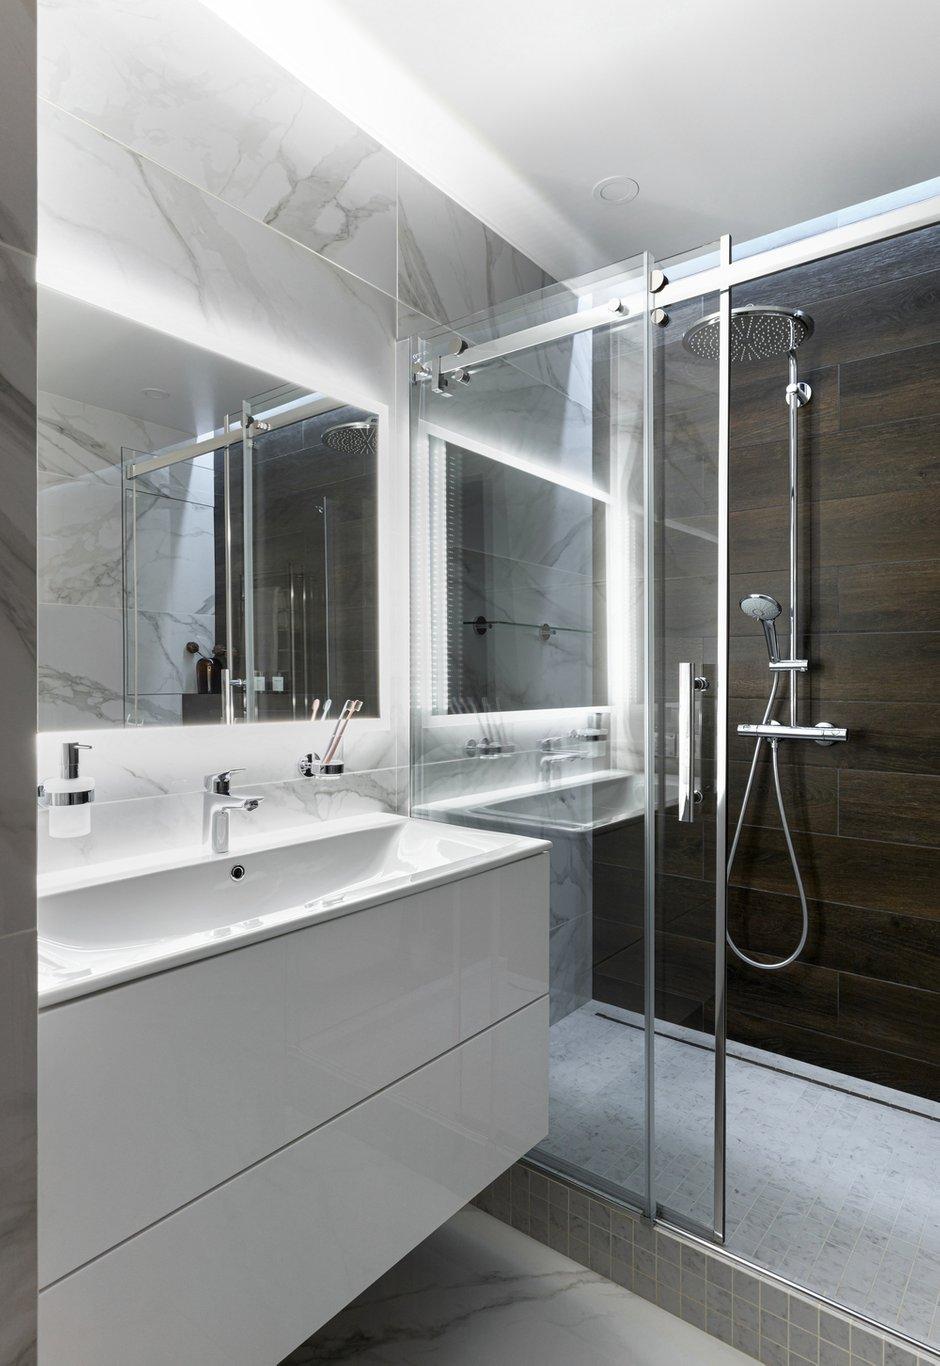 Фотография: Ванная в стиле Современный, Квартира, Студия, Проект недели, Реутов, 40-60 метров, Elements, ПРЕМИЯ INMYROOM – фото на INMYROOM